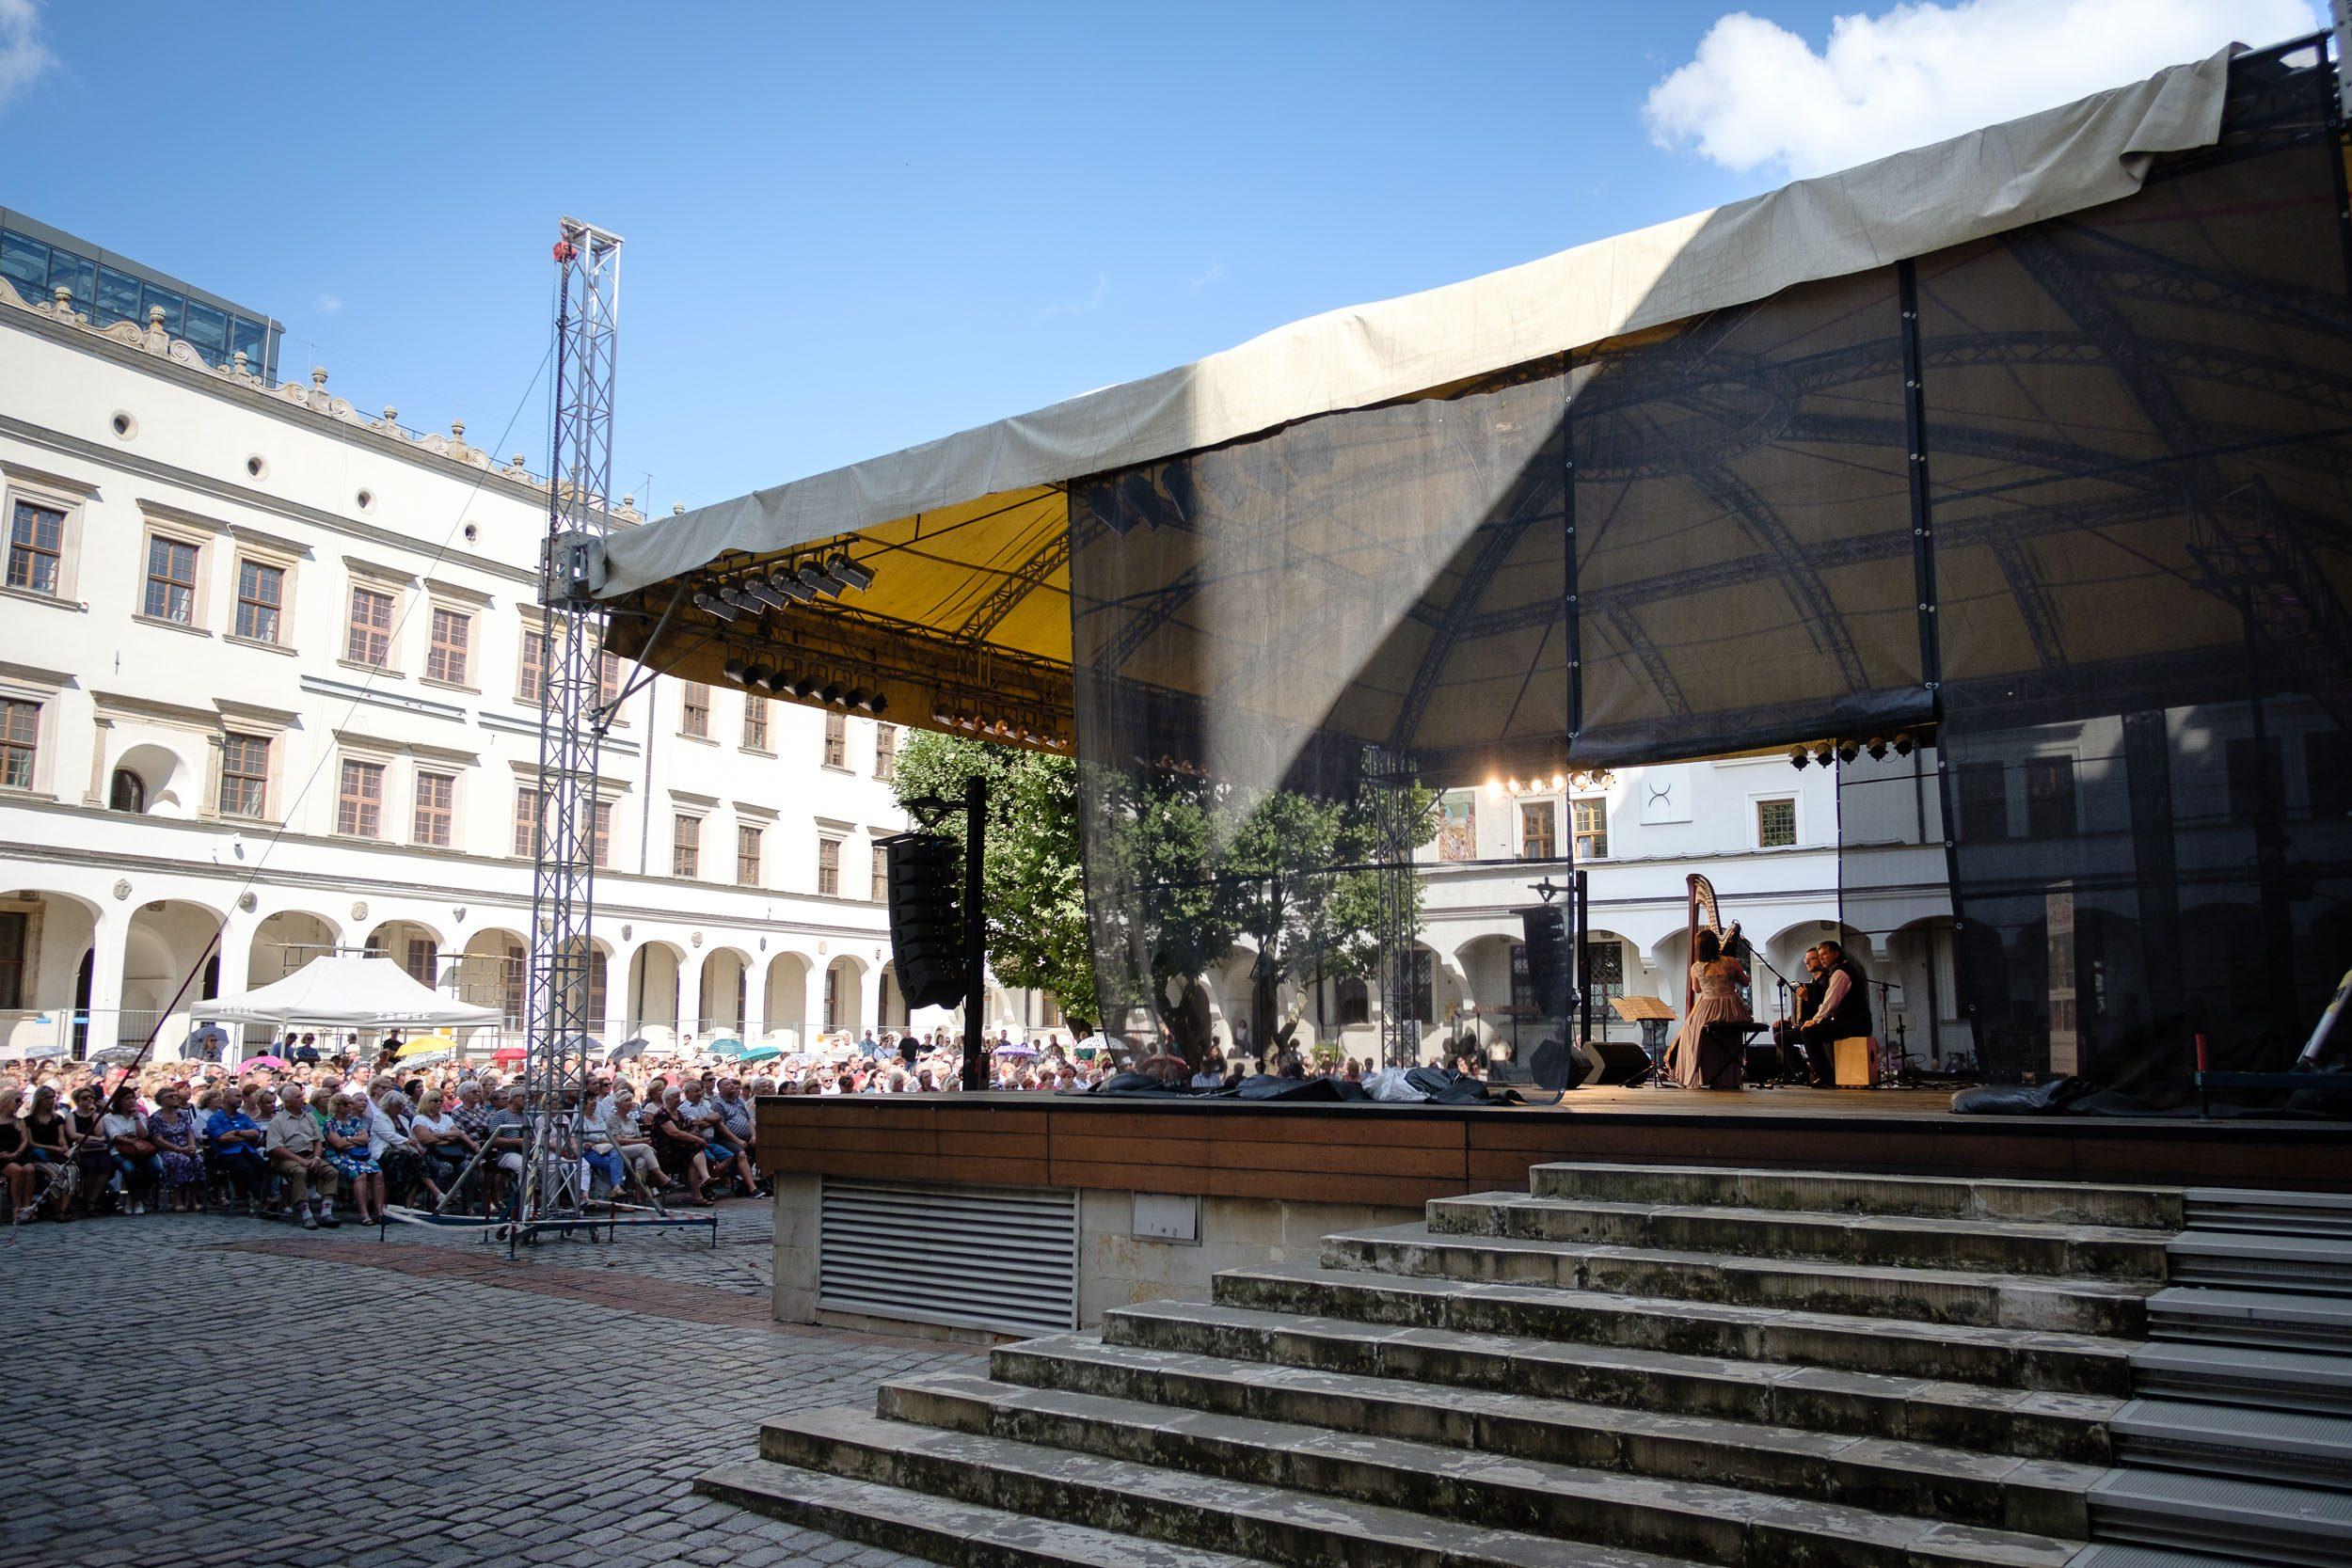 Harfenkonzert im Stettiner Schlosshof